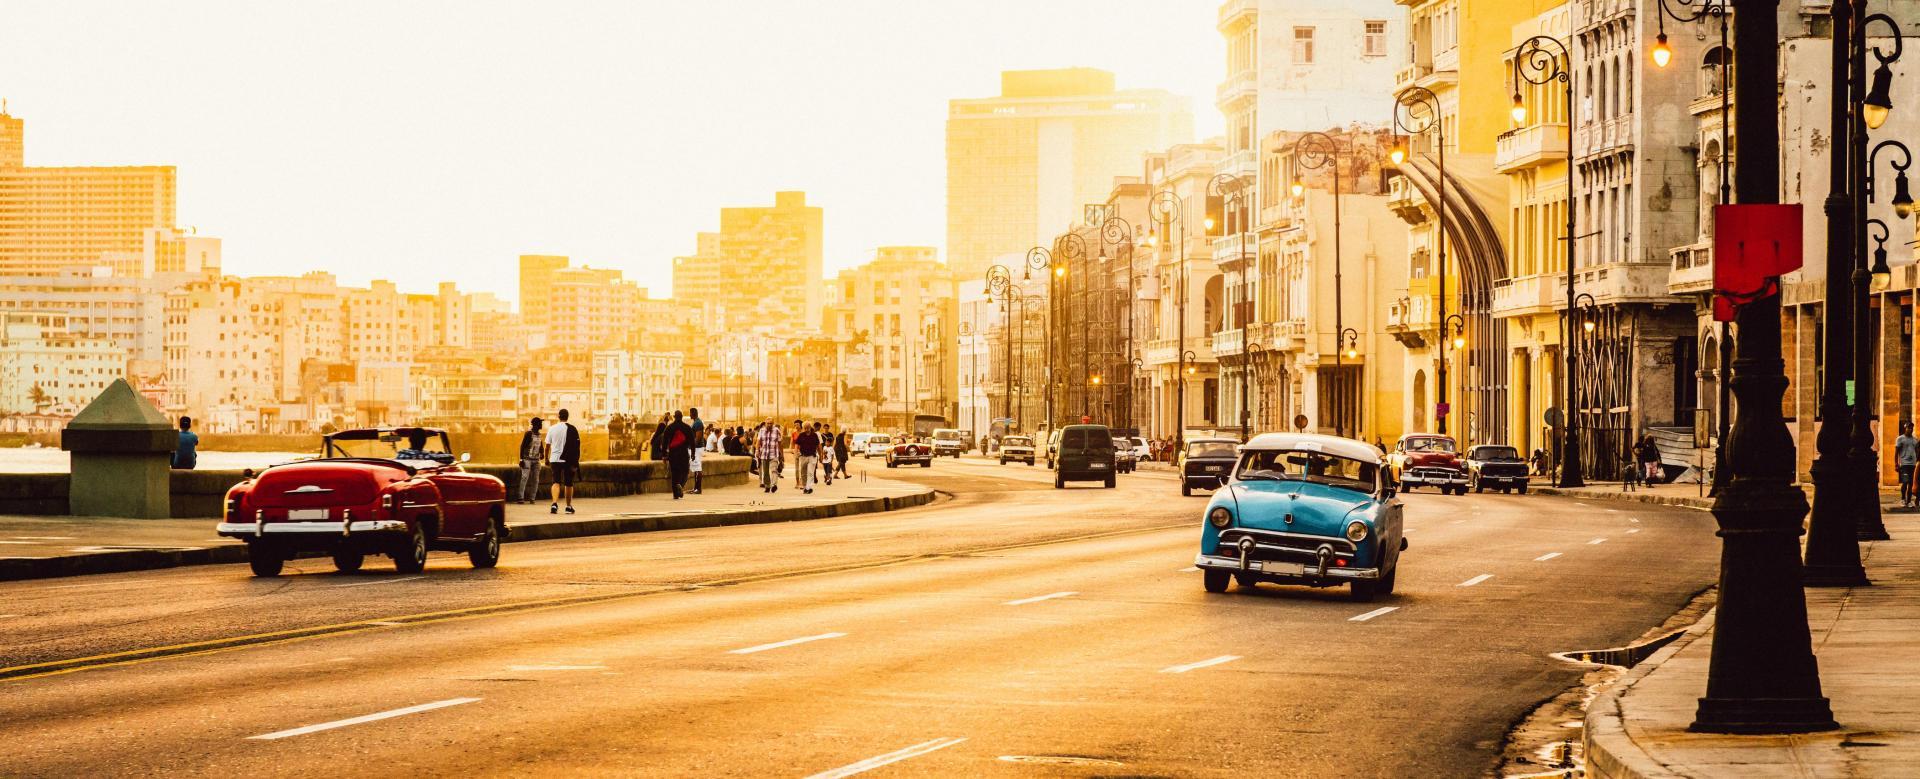 Voyage en véhicule : Sur les routes de l'occidente